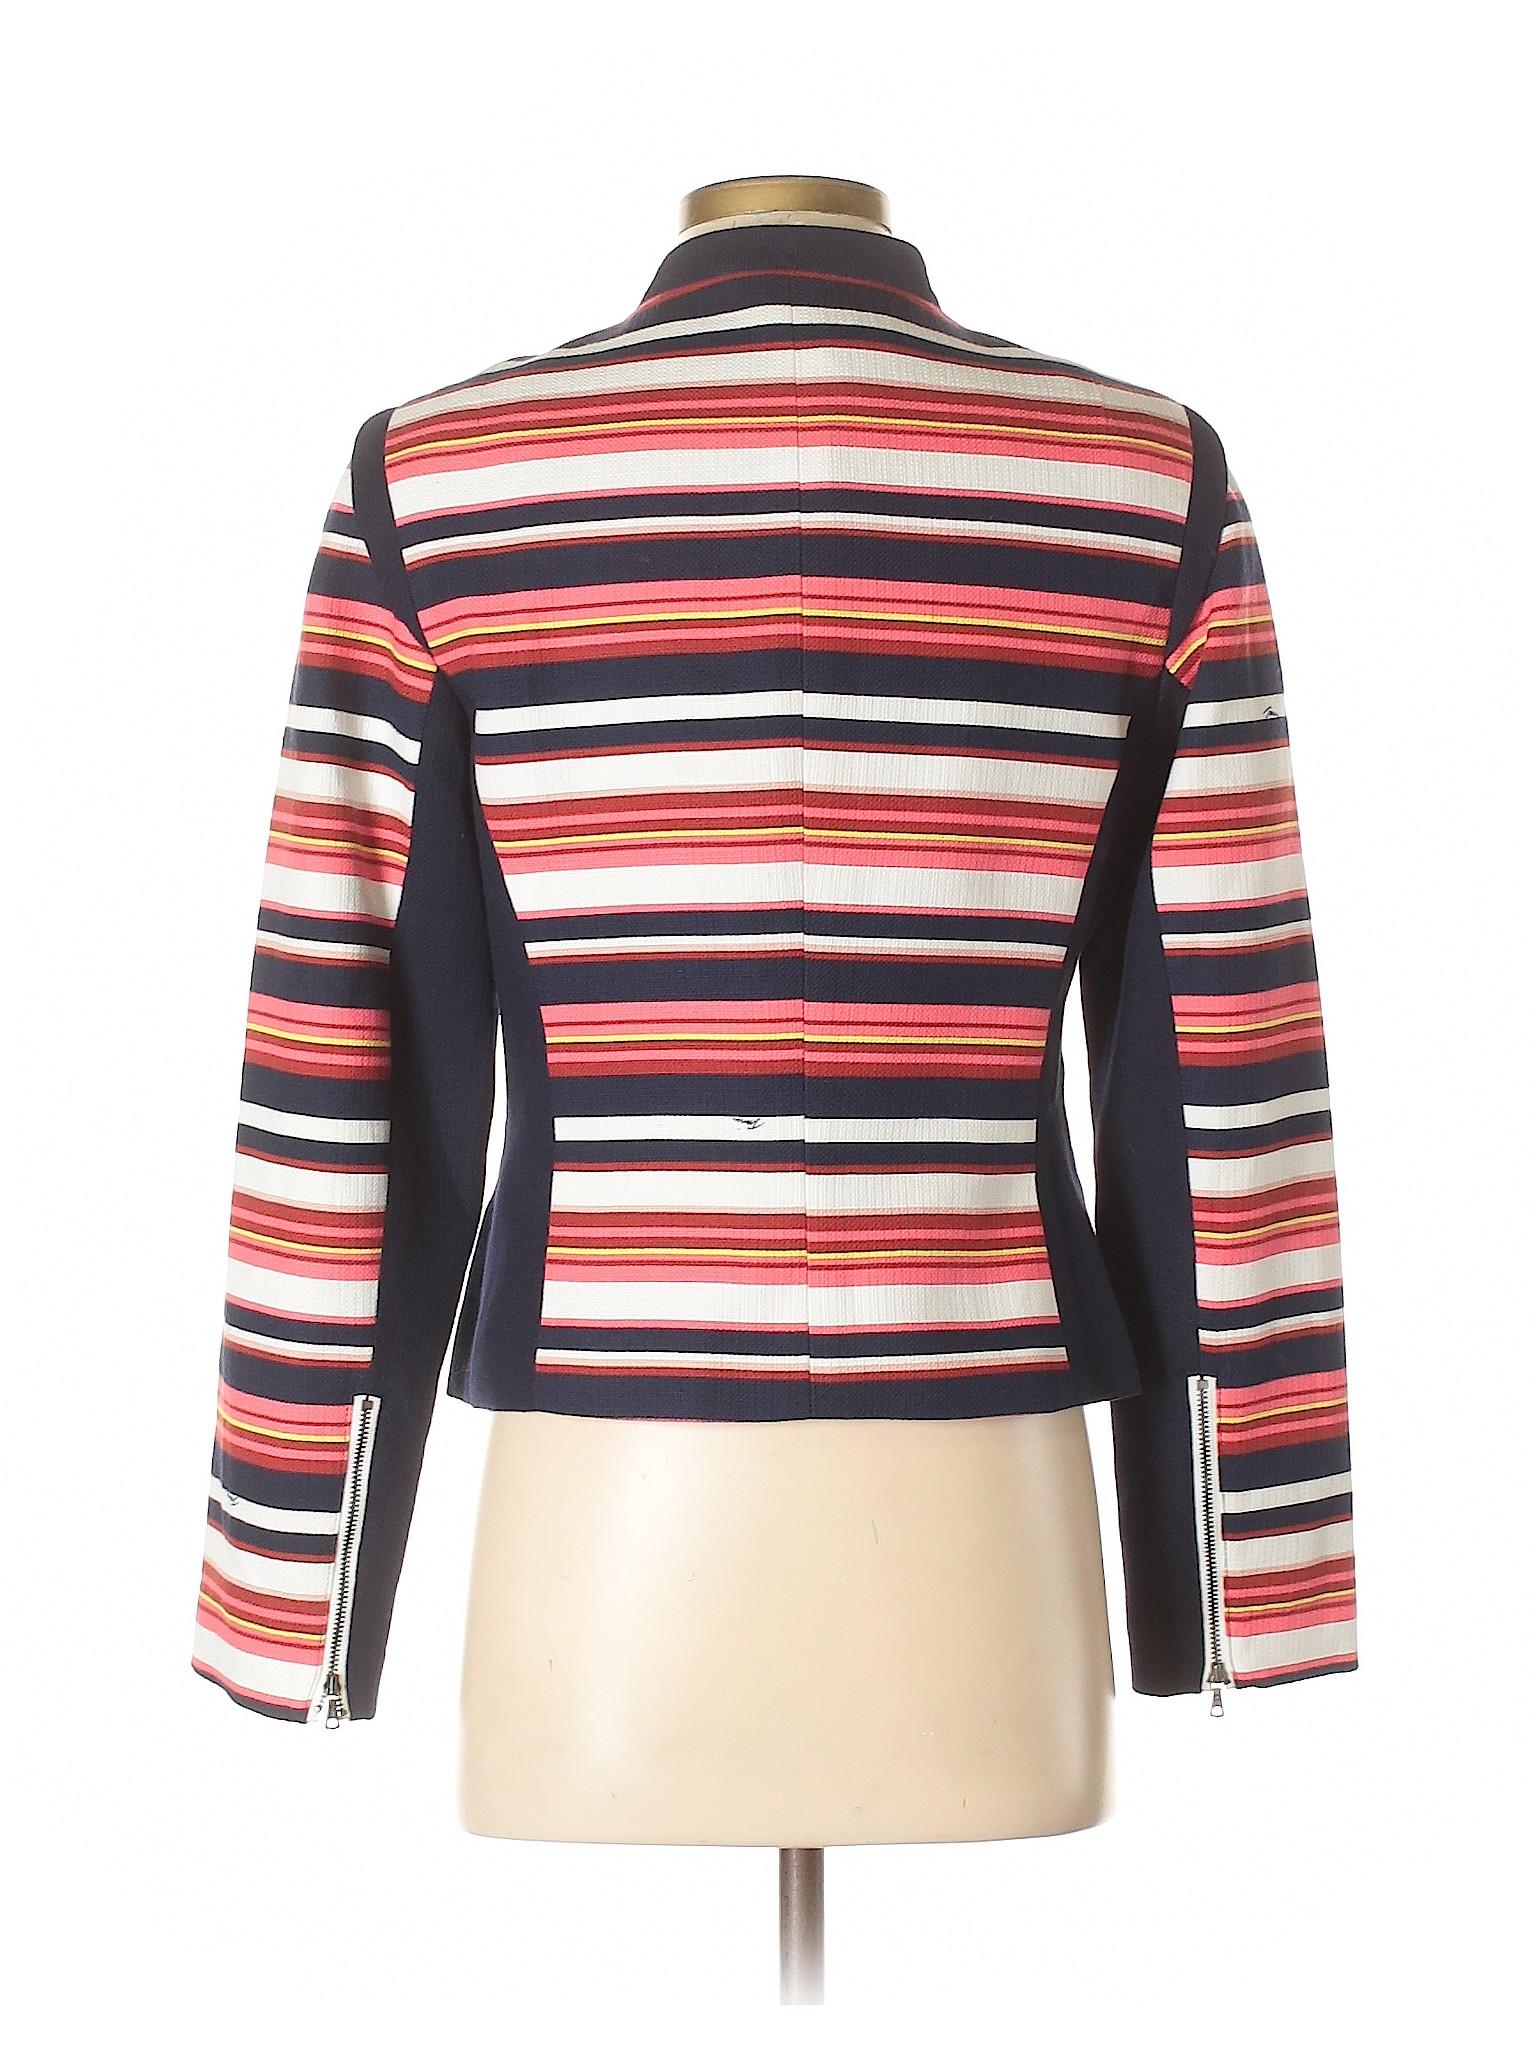 Boutique Turk Trina Boutique Blazer winter winter qw5Yg68xP